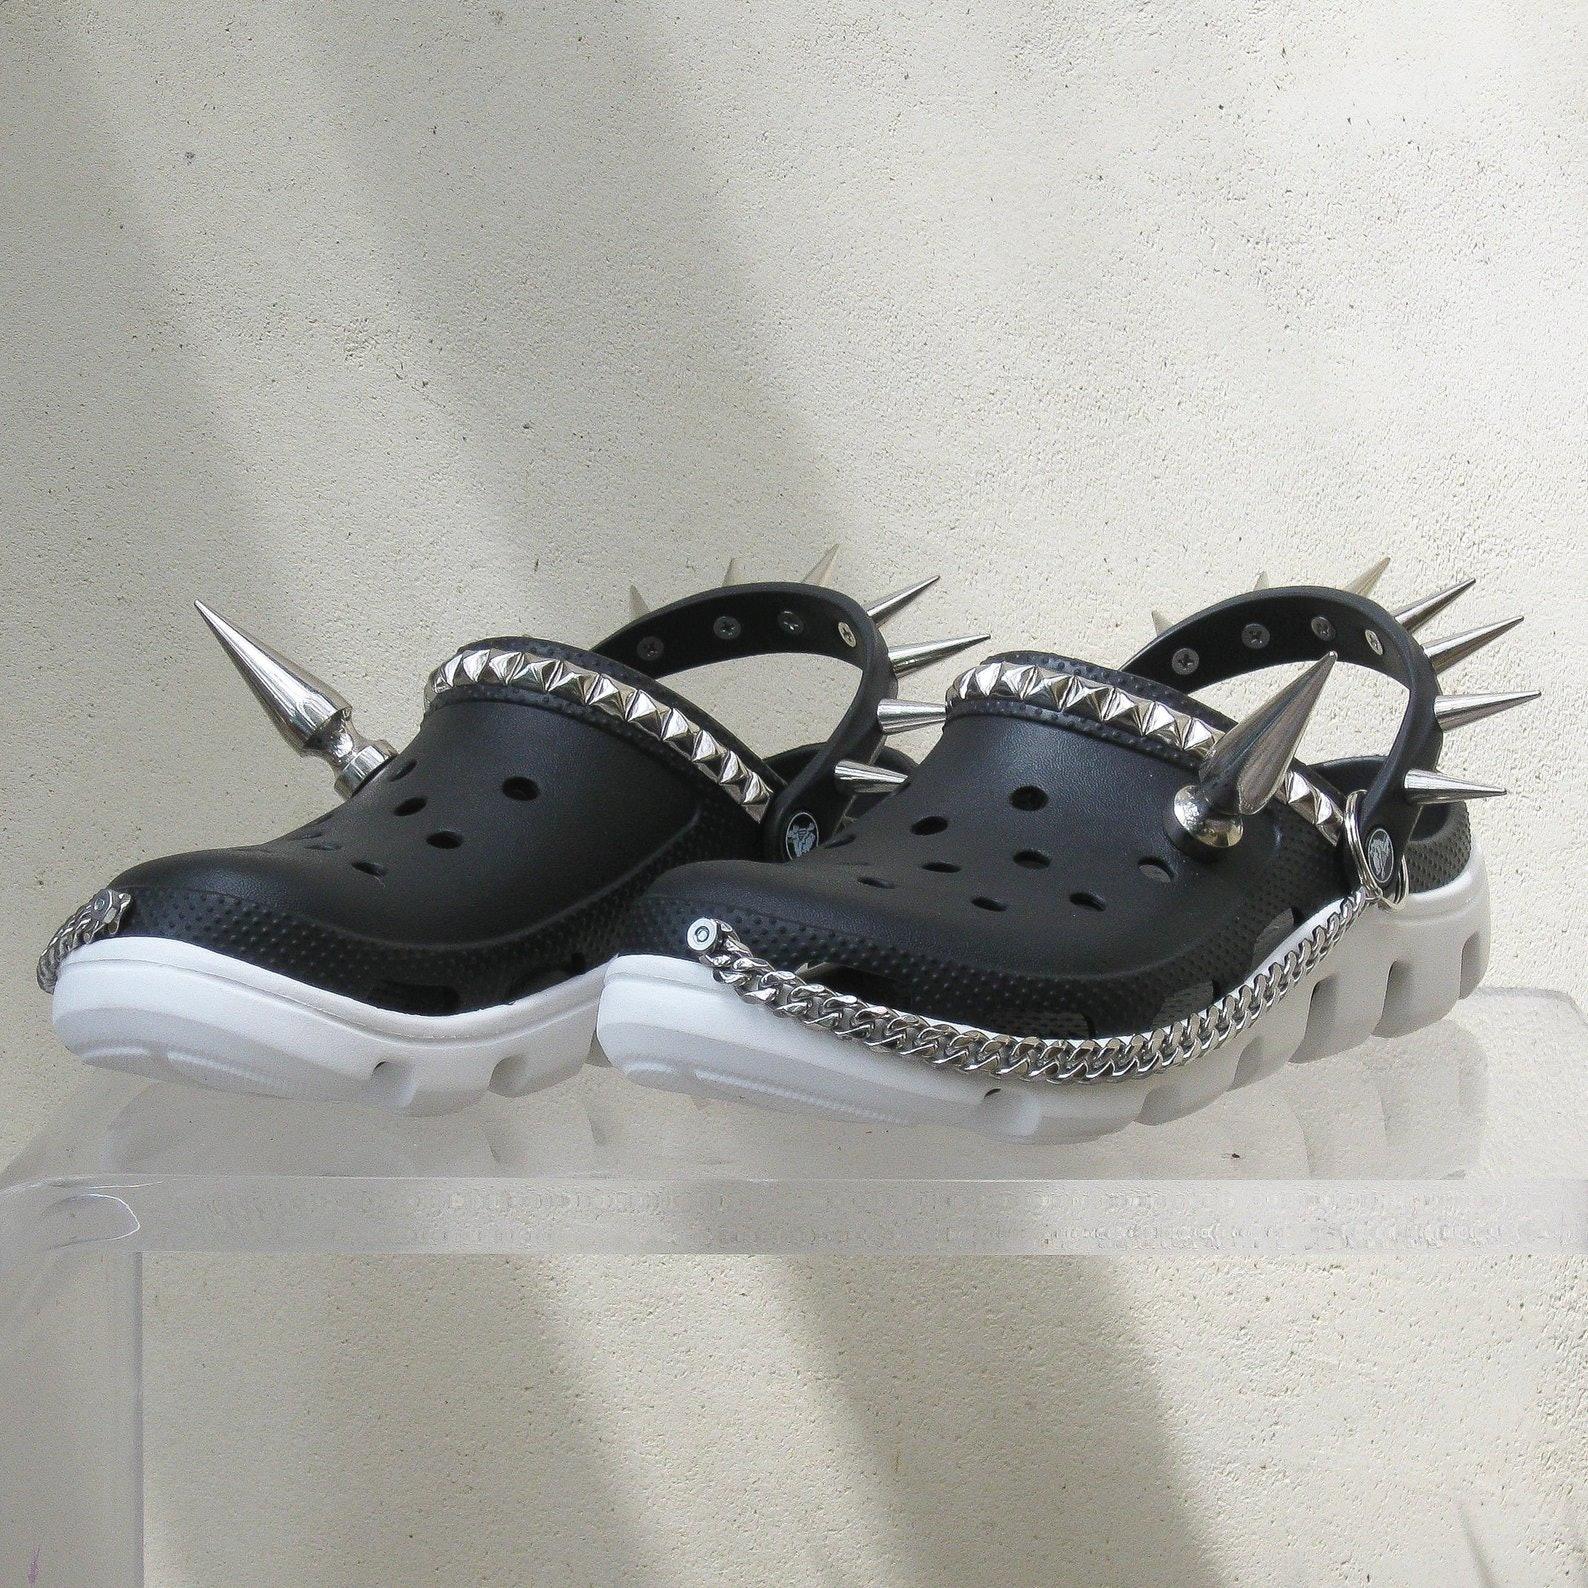 Goth Crocs Exist \u0026 They'll Bring Out